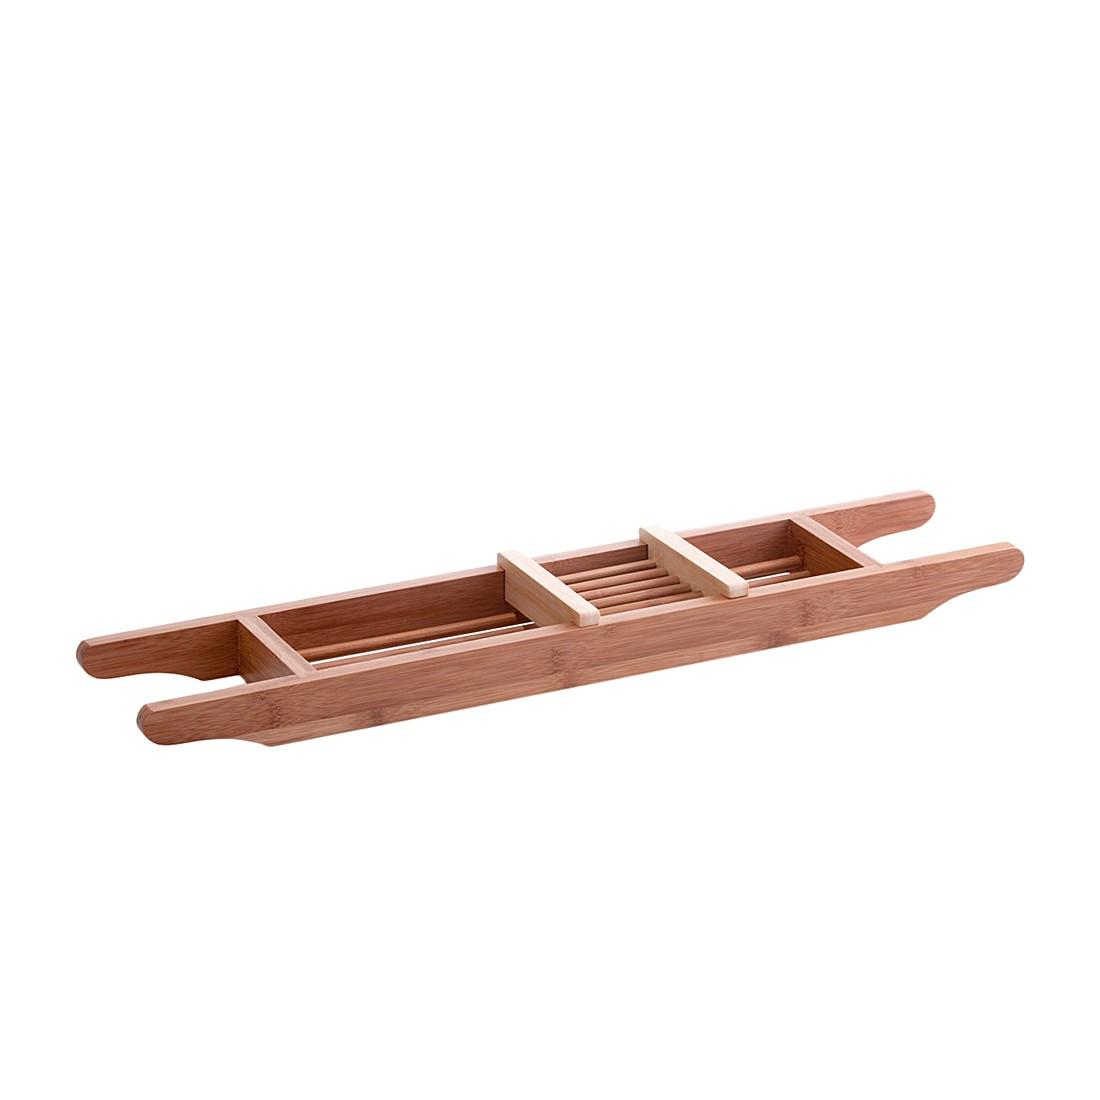 Mensola per vasca da bagno Lintgen, home24